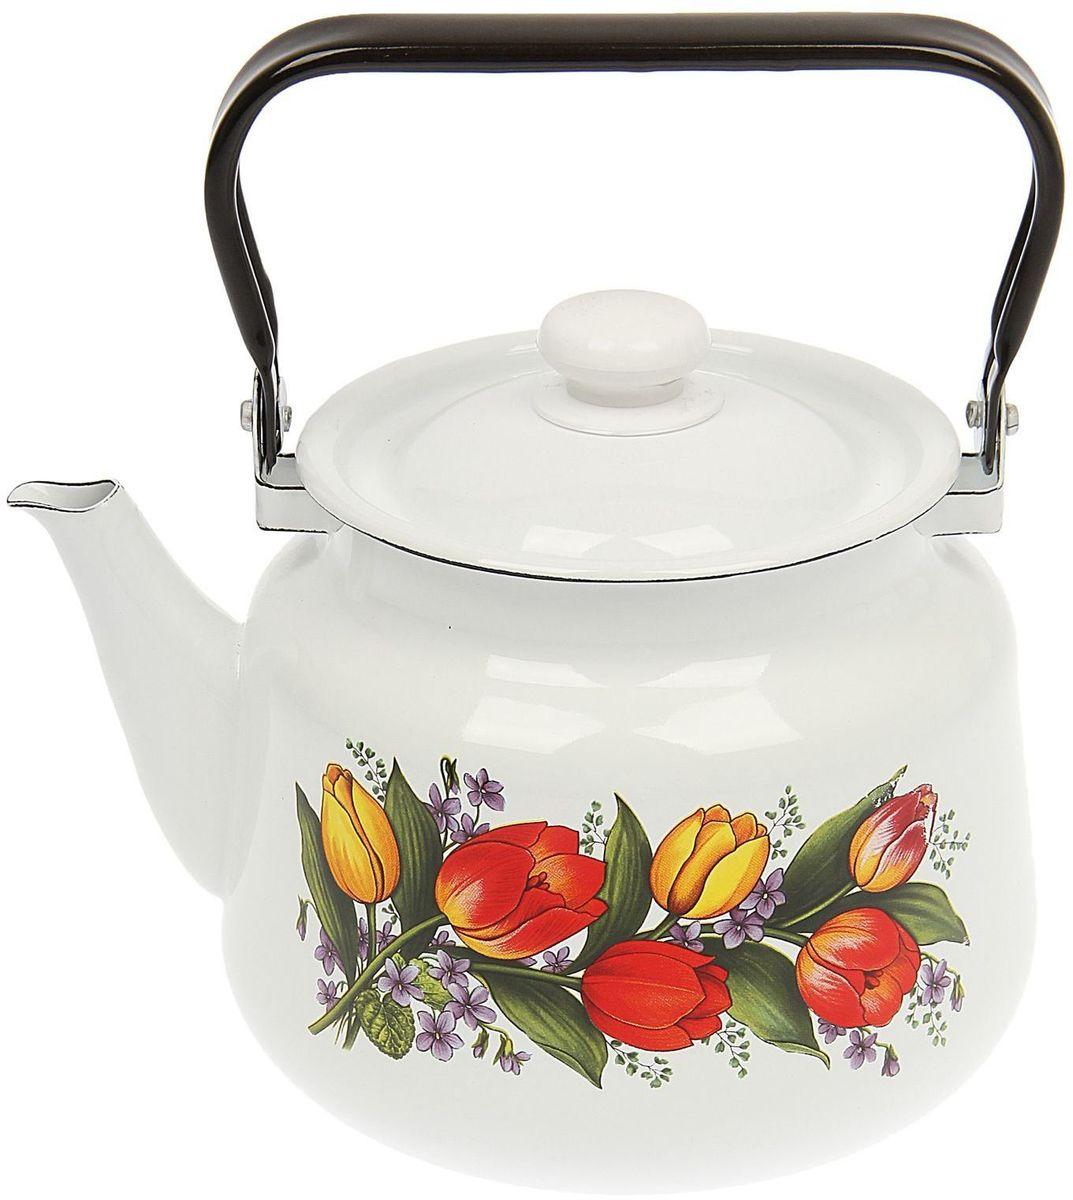 Чайник эмалированный Epos Весенний букет, 3,5 л. 1444504VT-1520(SR)Чайник Epos Весенний букет выполнен из высококачественной стали с эмалированным покрытием. Поверхность чайникагладкая, что облегчает уход за ним. Большой объемпозволит приготовить напиток для всей семьи илинебольшой компании. Эстетичный и функциональный чайник будеторигинально смотреться в любом интерьере. Душевная атмосфера и со вкусом накрытый стол всегда будут собирать в вашем доме близких и друзей.Чайник подходит для использования на всех типах плит,включая индукционные. Объем: 3,5 л.